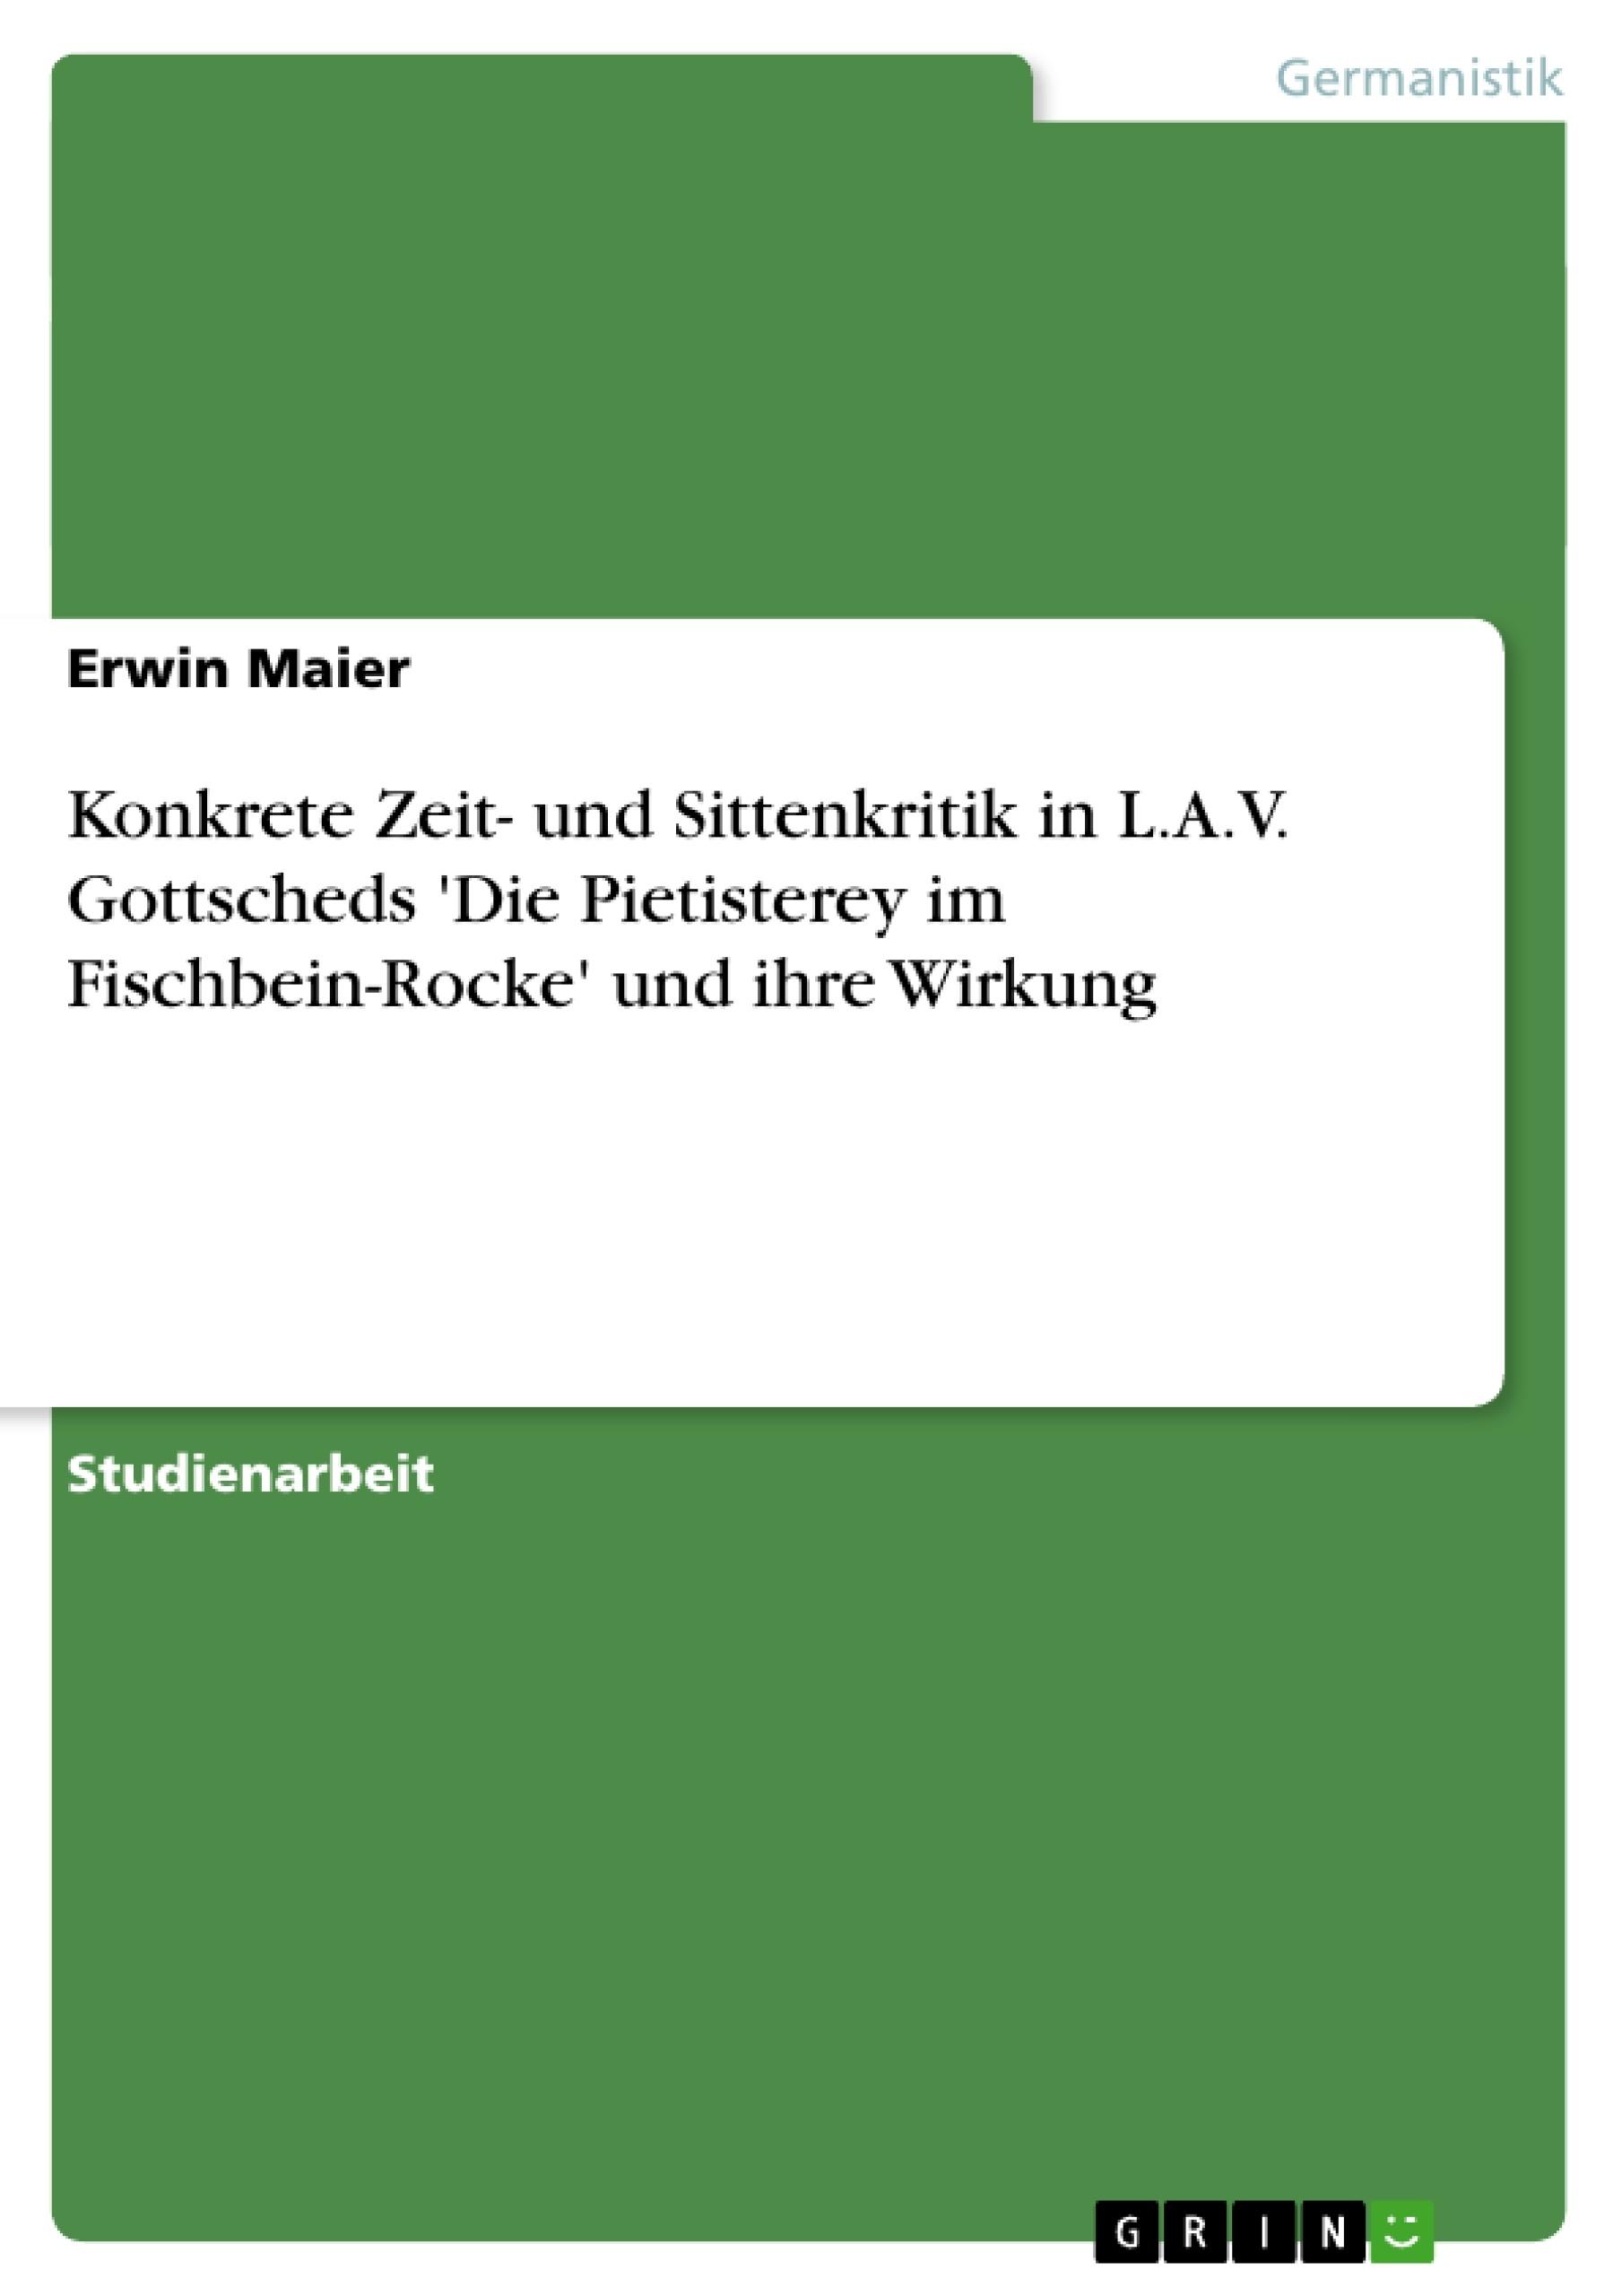 Titel: Konkrete Zeit- und Sittenkritik in L.A.V. Gottscheds 'Die Pietisterey im Fischbein-Rocke' und ihre Wirkung